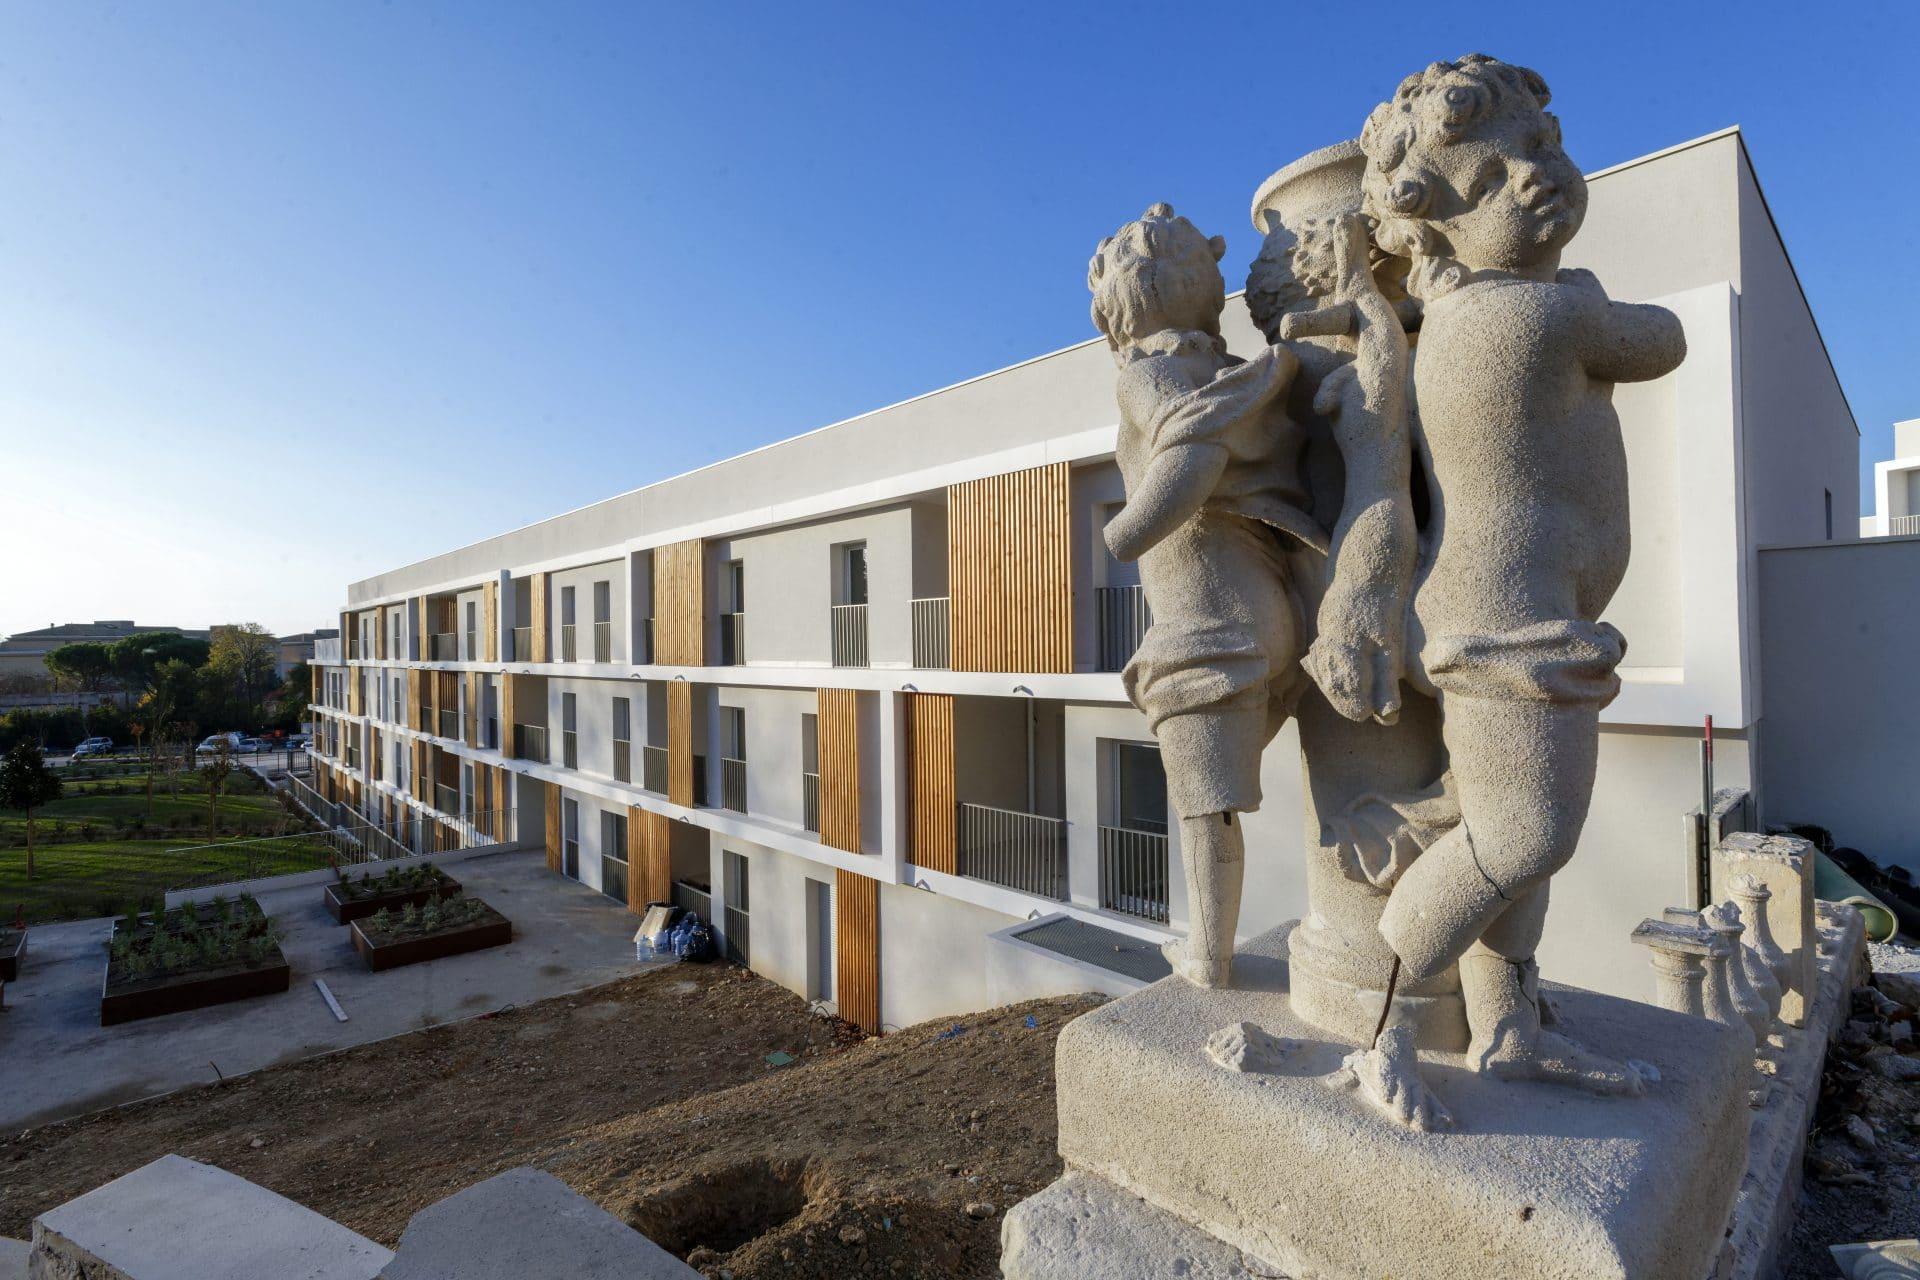 CDC Habitat accueille les réalisations de jeunes artistes au sein de sa résidence Aquae-Belle Fontaine à Marseille